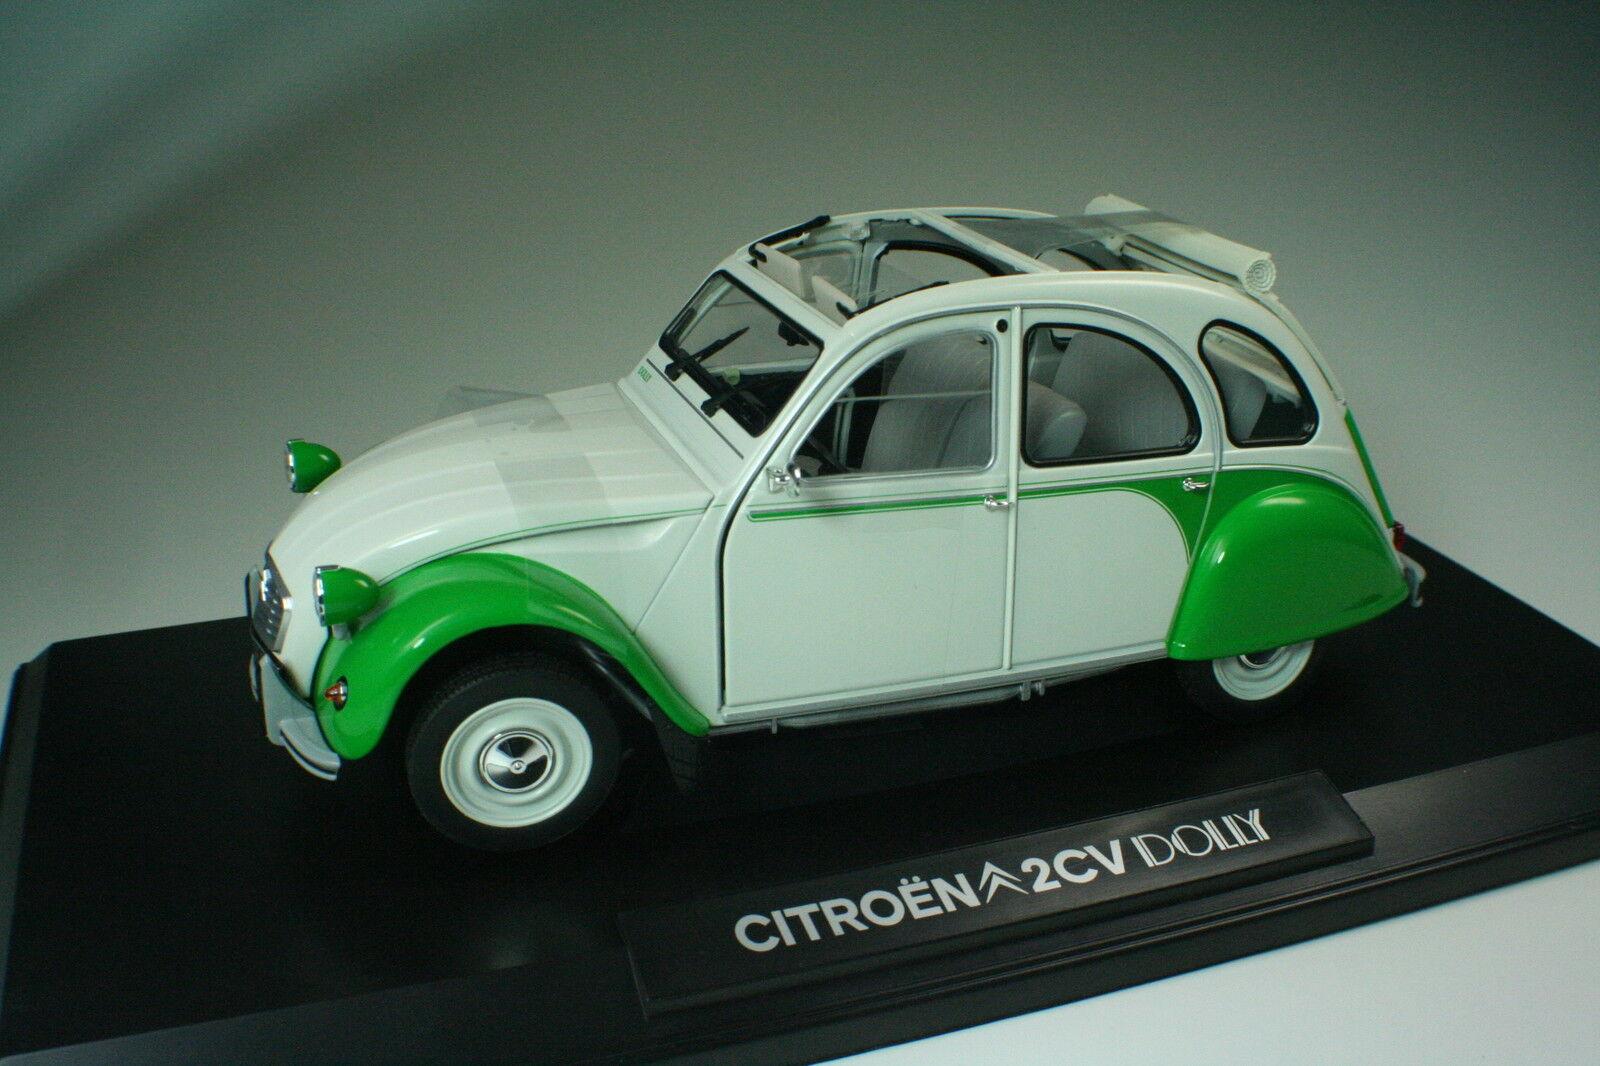 Citroen 2CV Dolly weiss   green 181512 Norev 1 18 NEU OVP